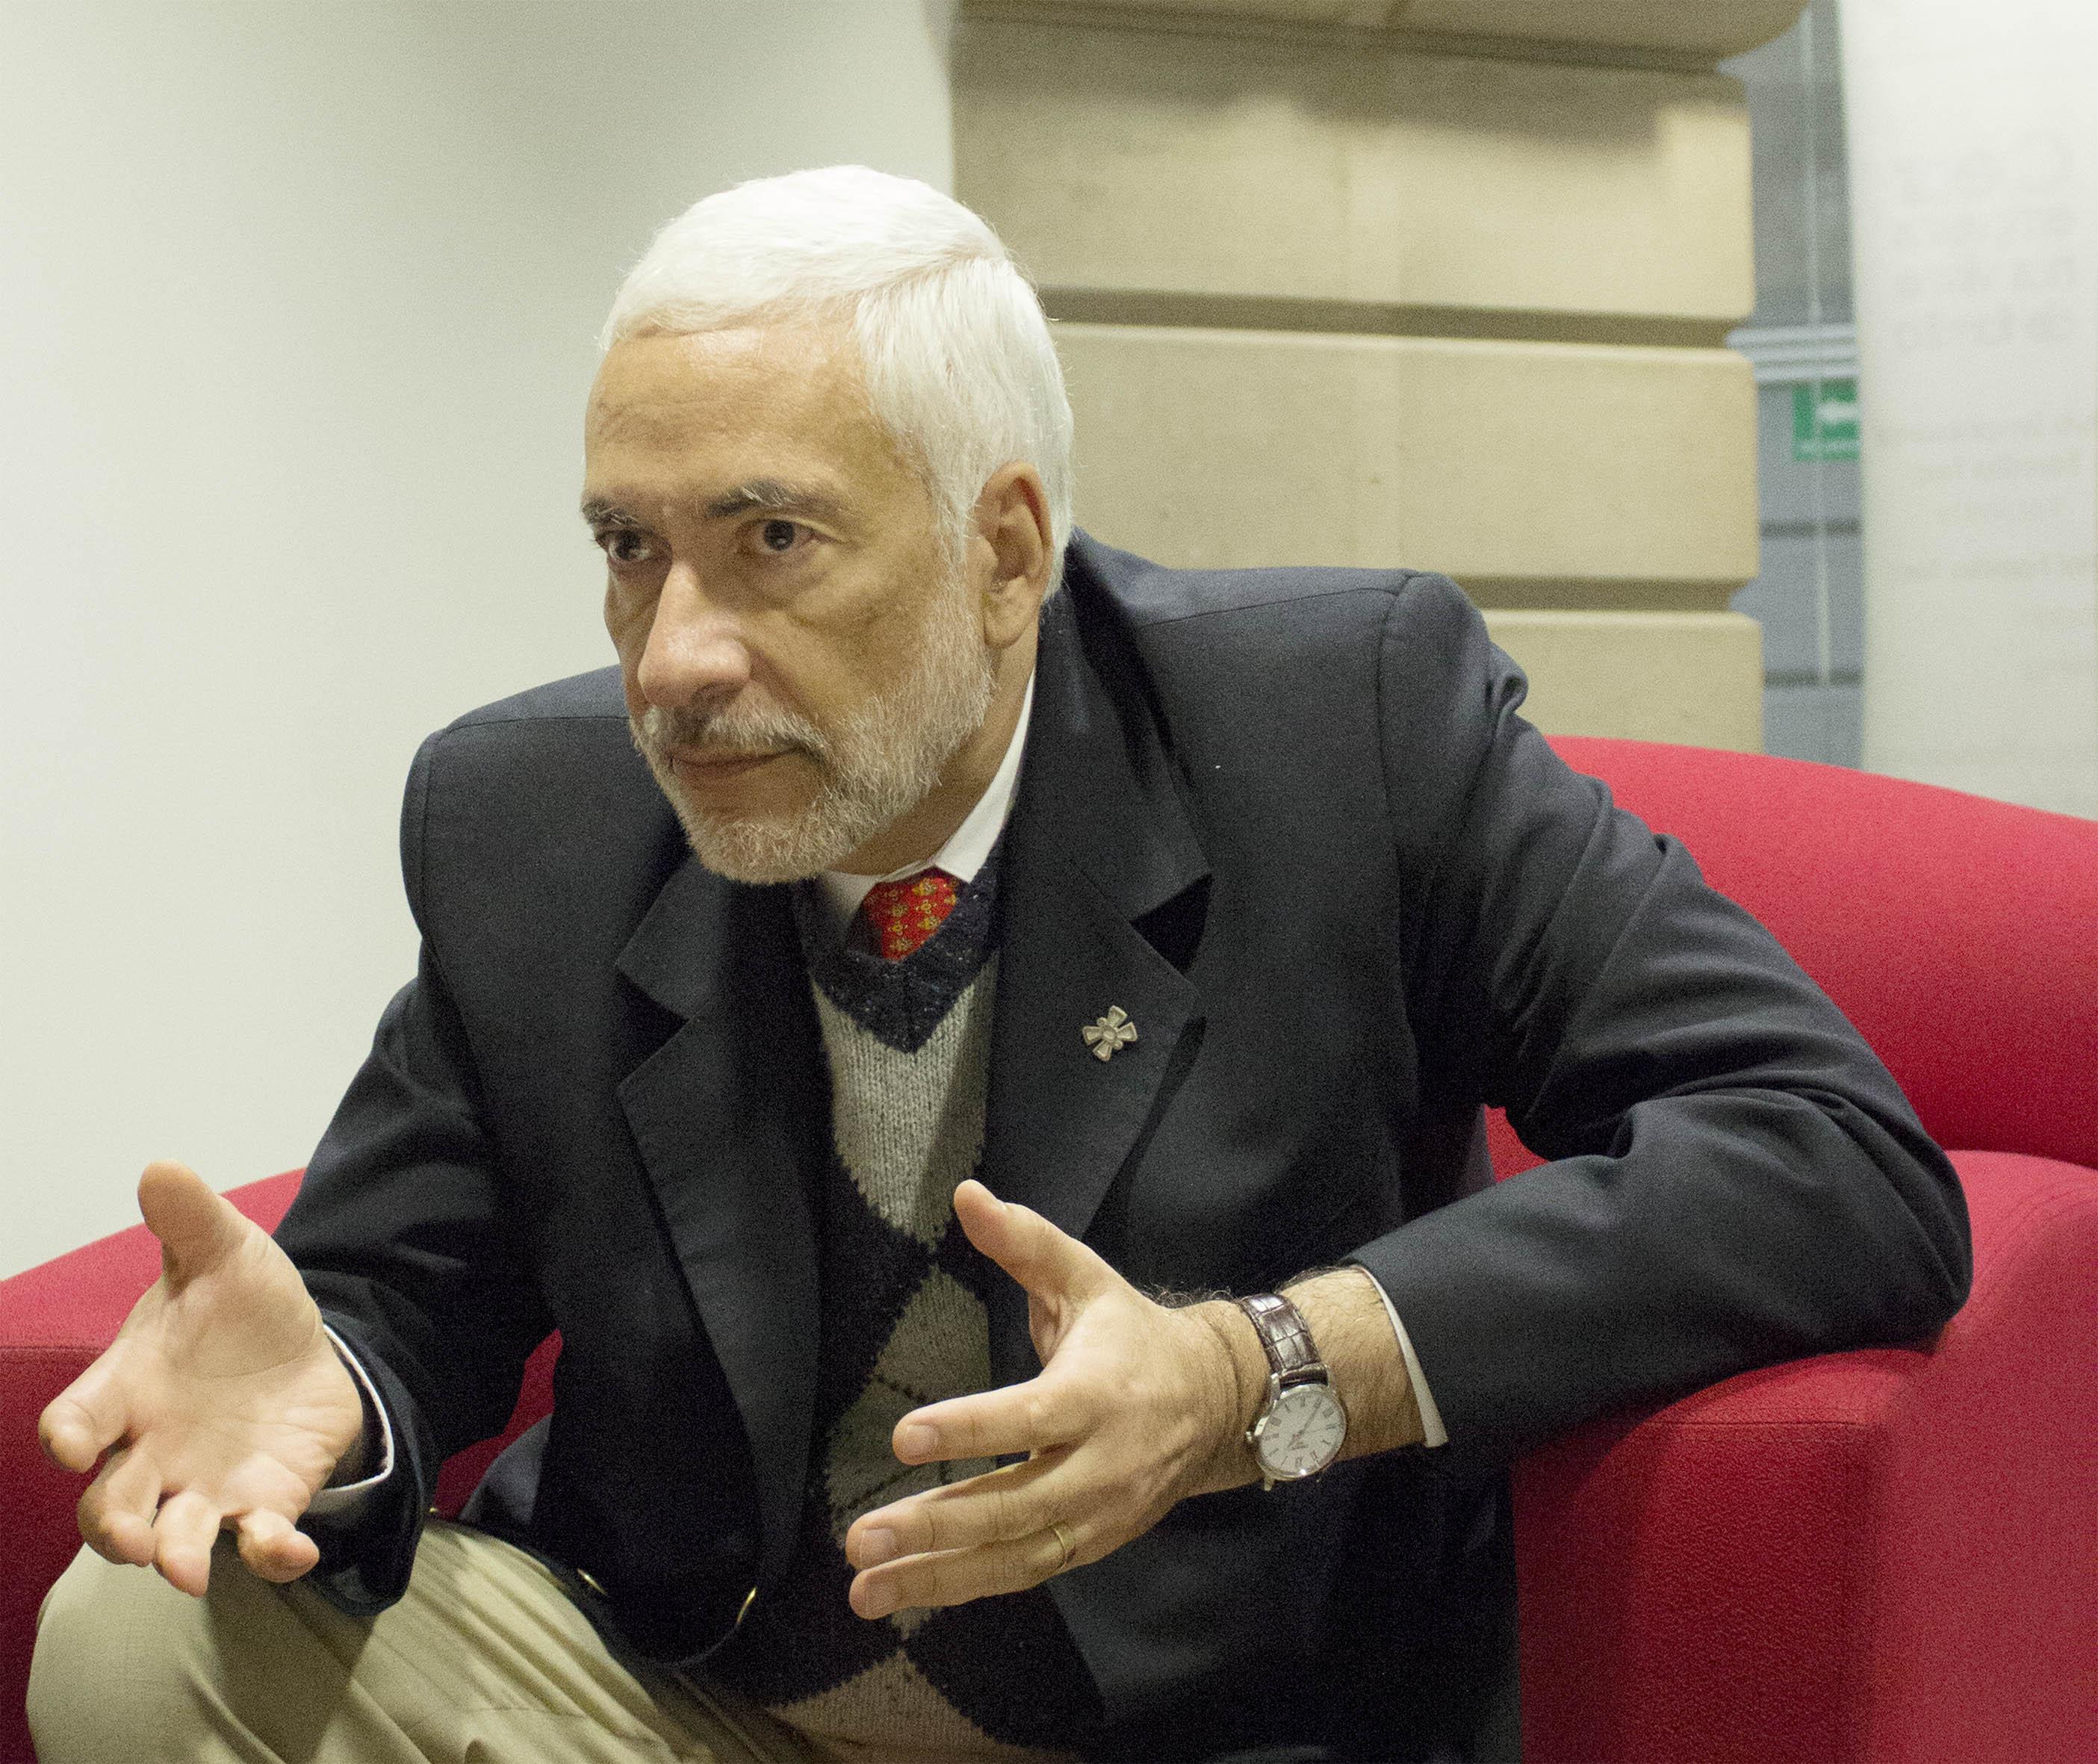 El Instituto Nacional de Geriatría trabaja con la OMS en envejecimiento